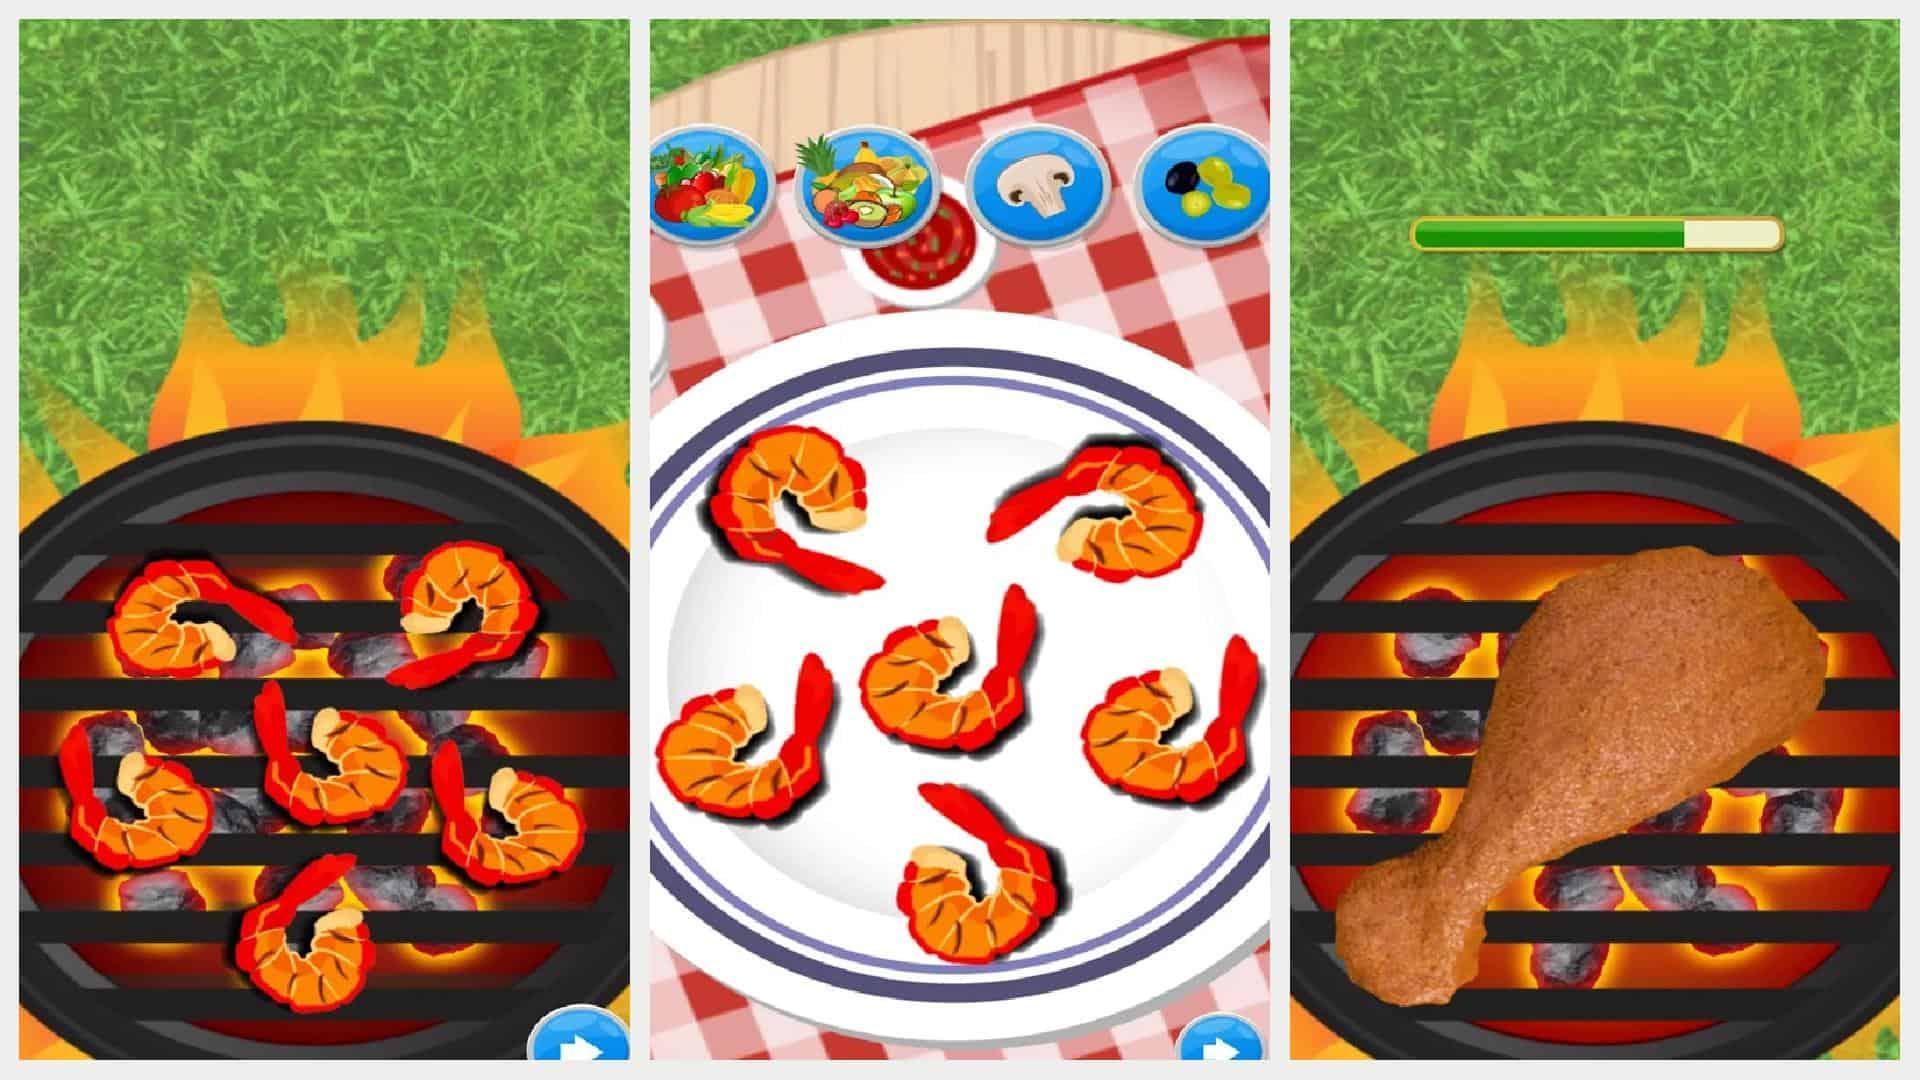 BBQ Restaurant Grill Maker app grid 1